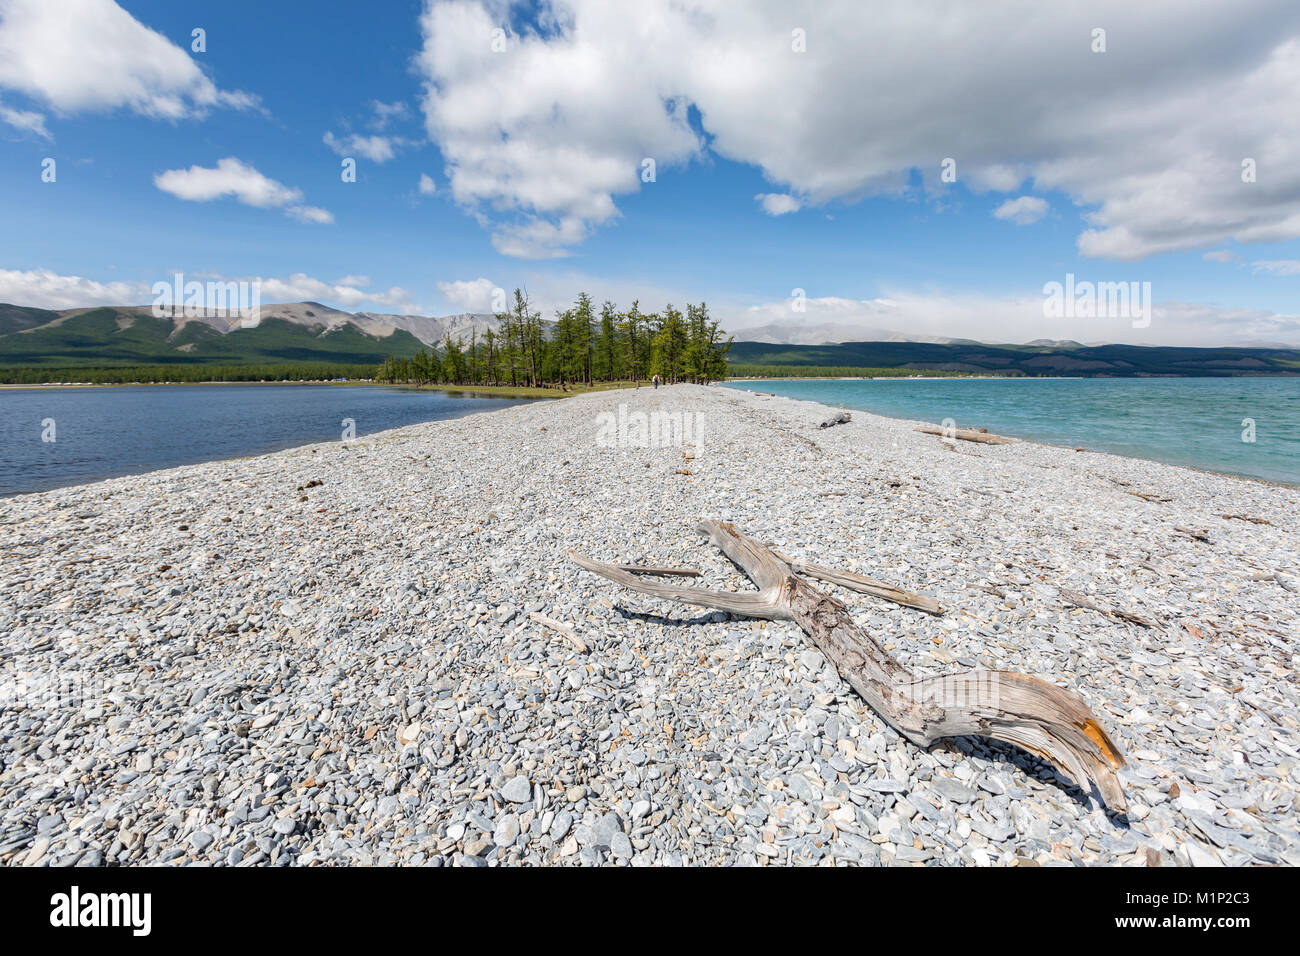 Pebble orillas del Lago Hovsgol, provincia Hovsgol, Mongolia, Asia Central, África Imagen De Stock